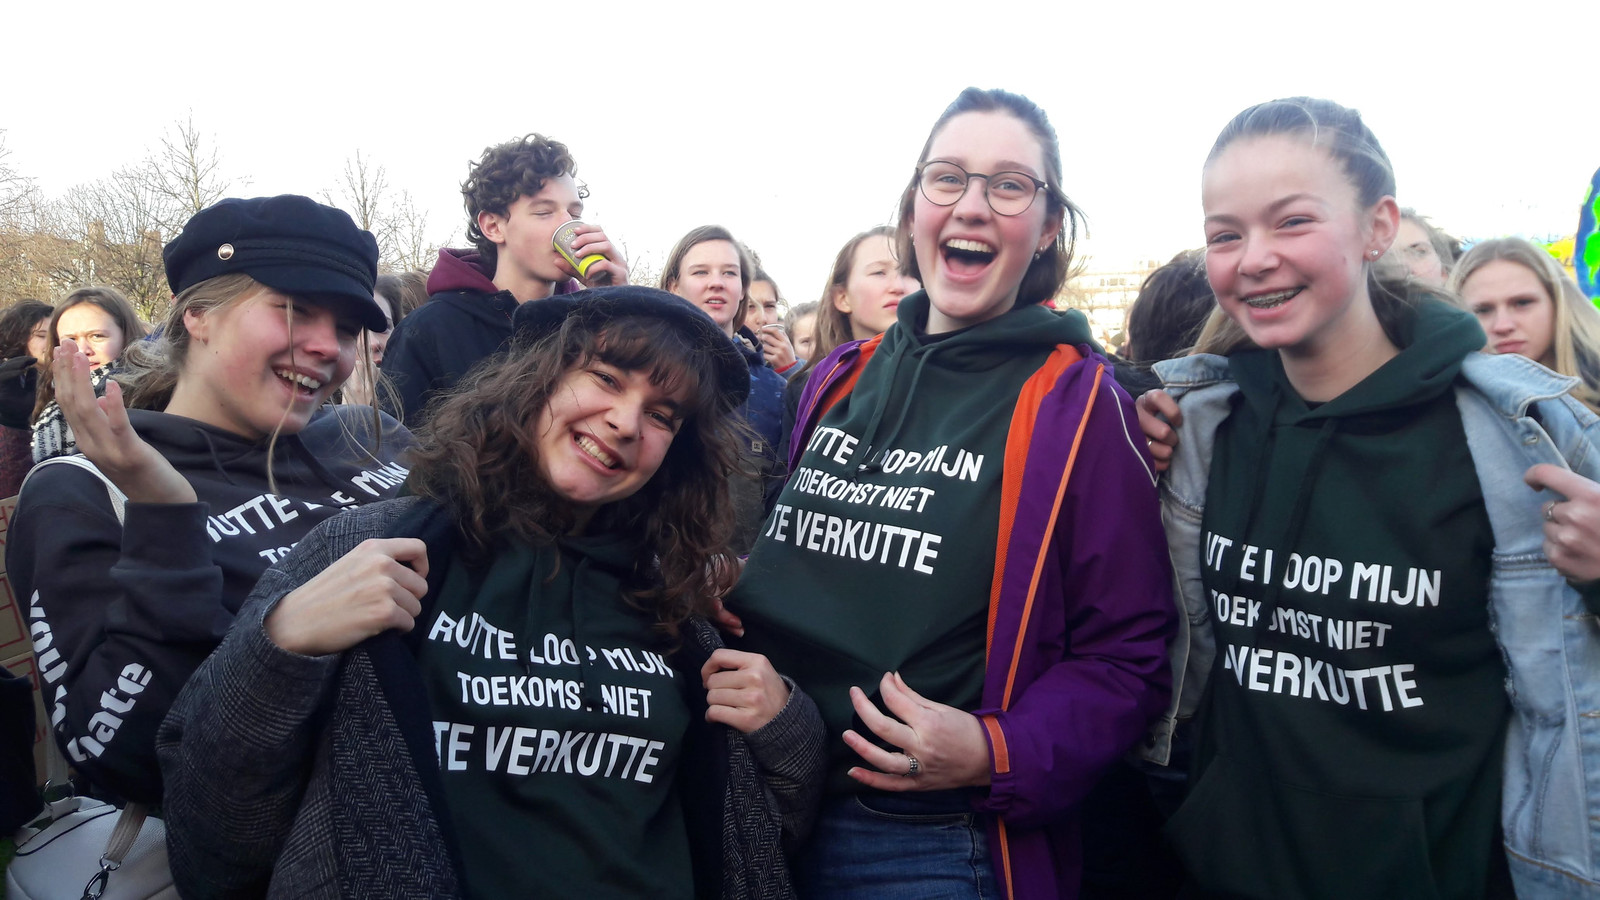 Lieve, Fiona, Madelein en Linda uit Zaandam zijn van plan de trui nog vaker te dragen.